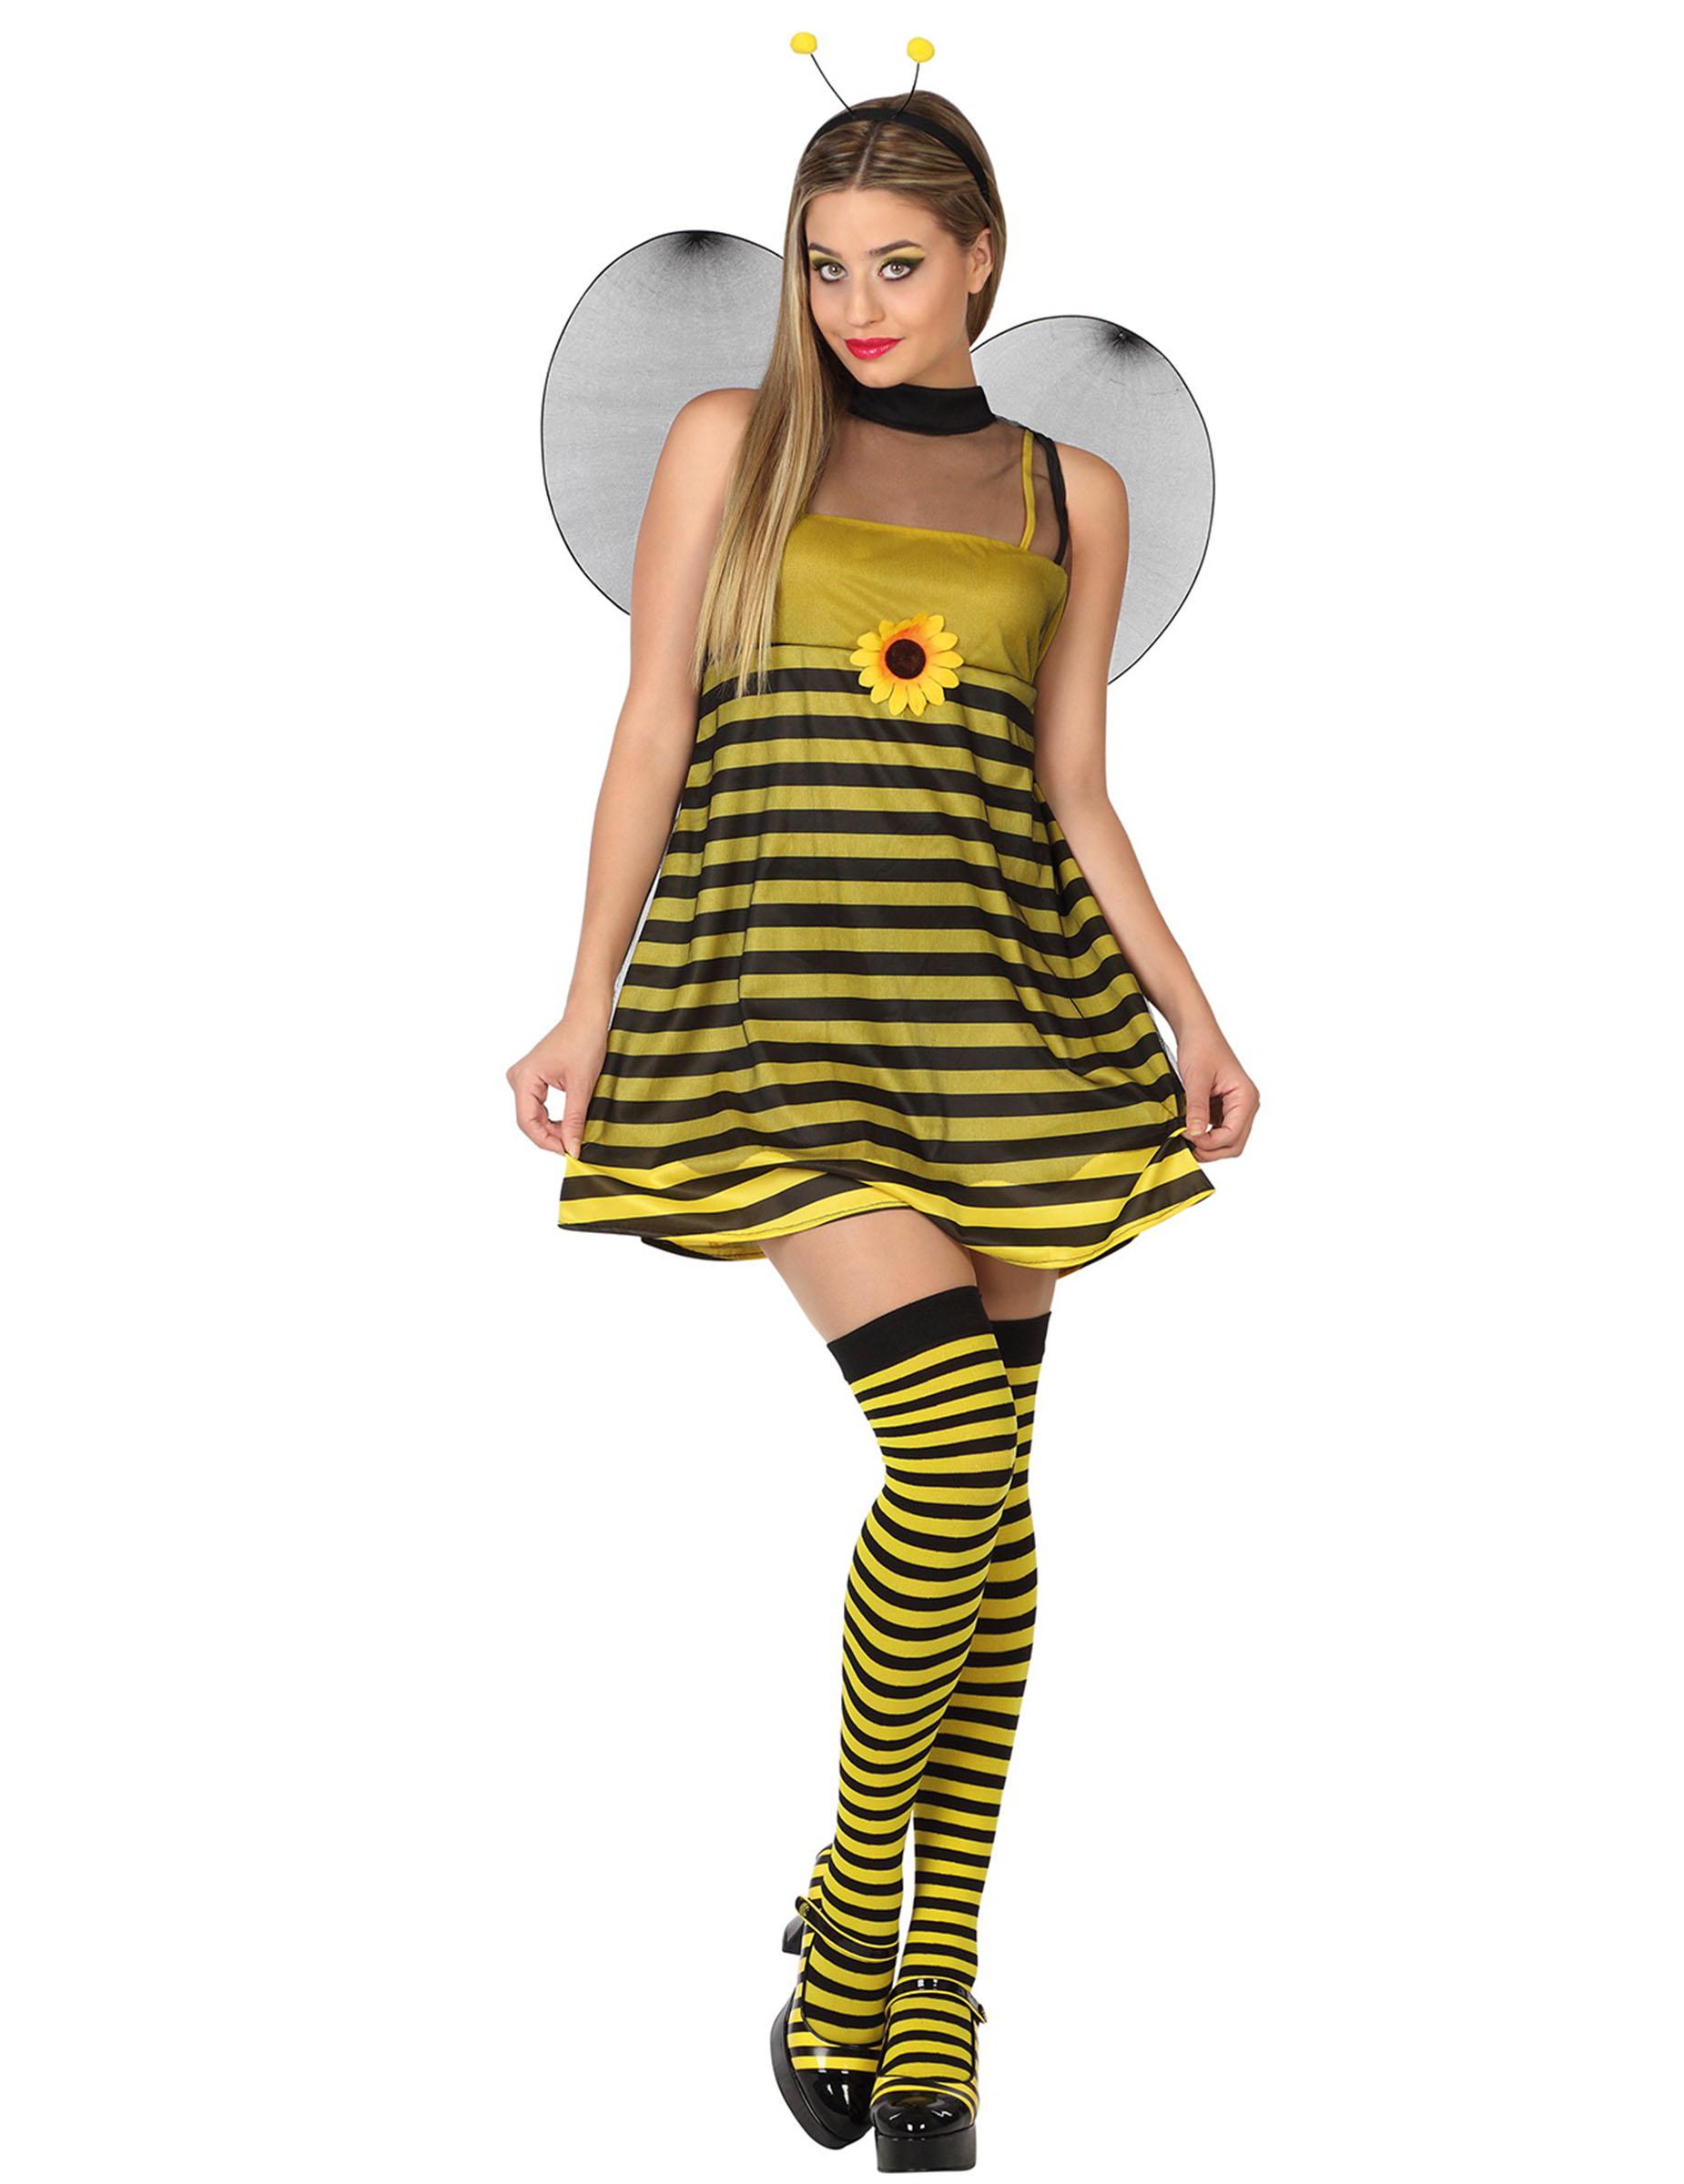 Bezauberndes Damen Bienenkostum Gelb Schwarz Gunstige Faschings